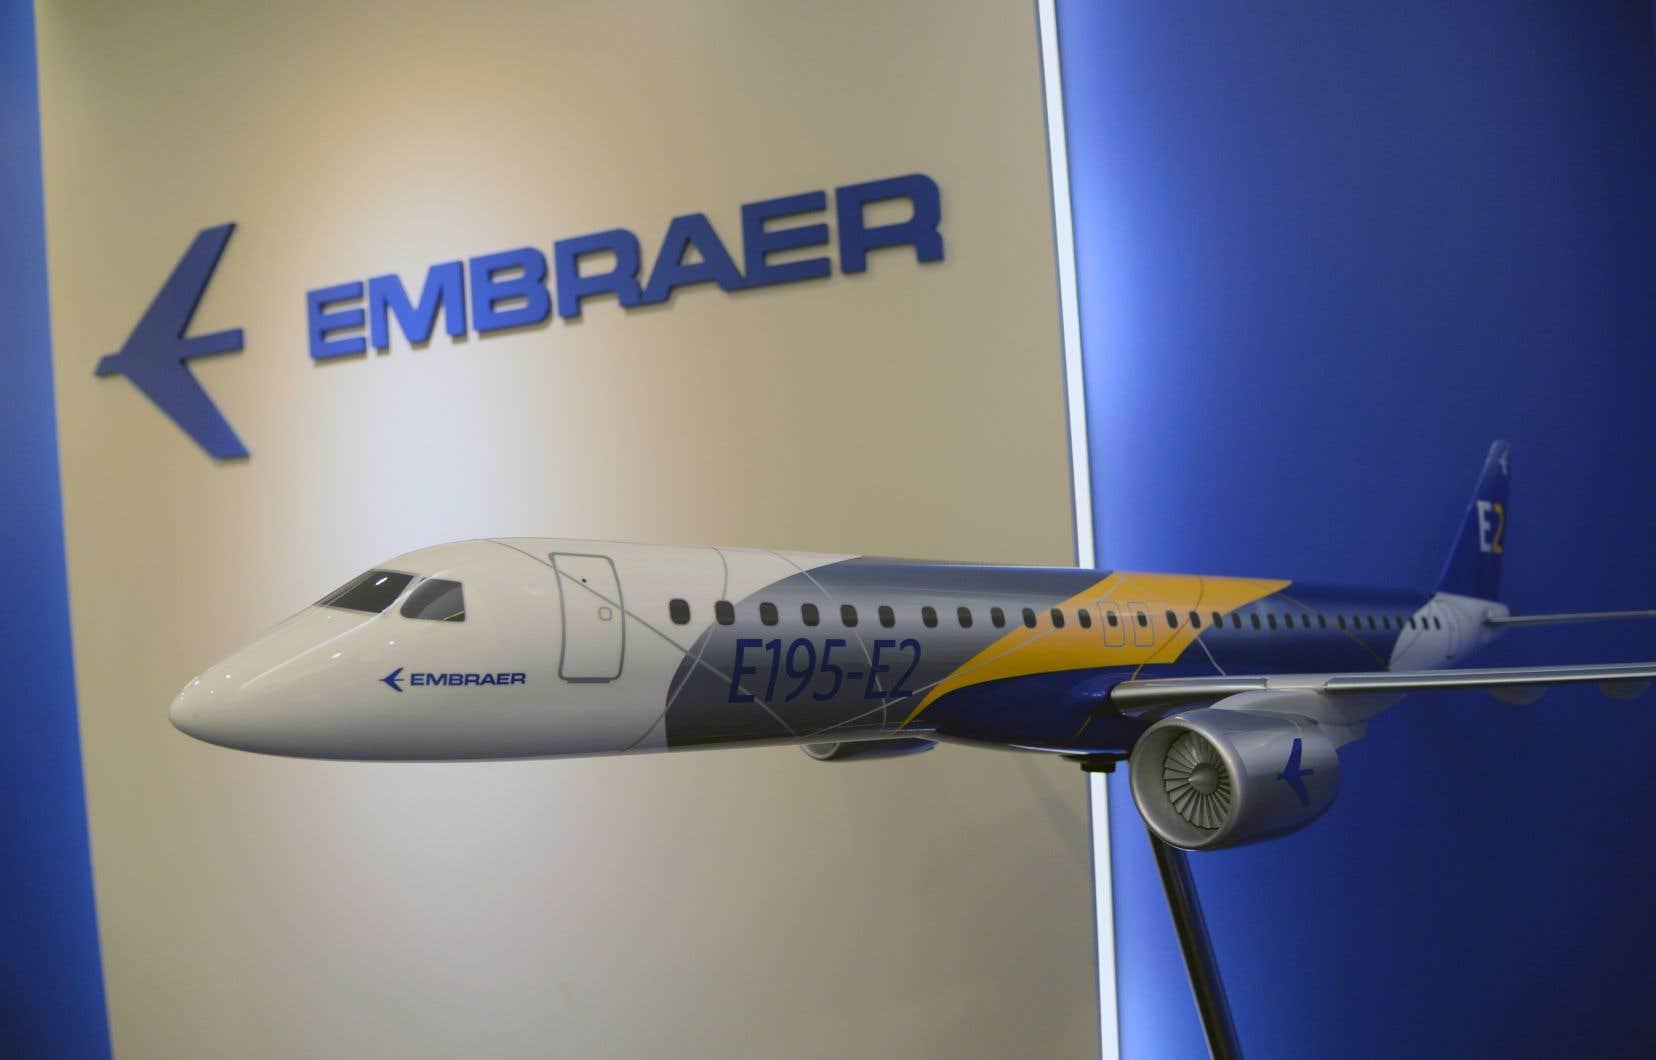 La décision de l'OMC de mettre sur pied un tribunal d'arbitrage survient la même semaine où Washington a annoncé des droits préliminaires de 220% sur les avions CSeries de Bombardier.